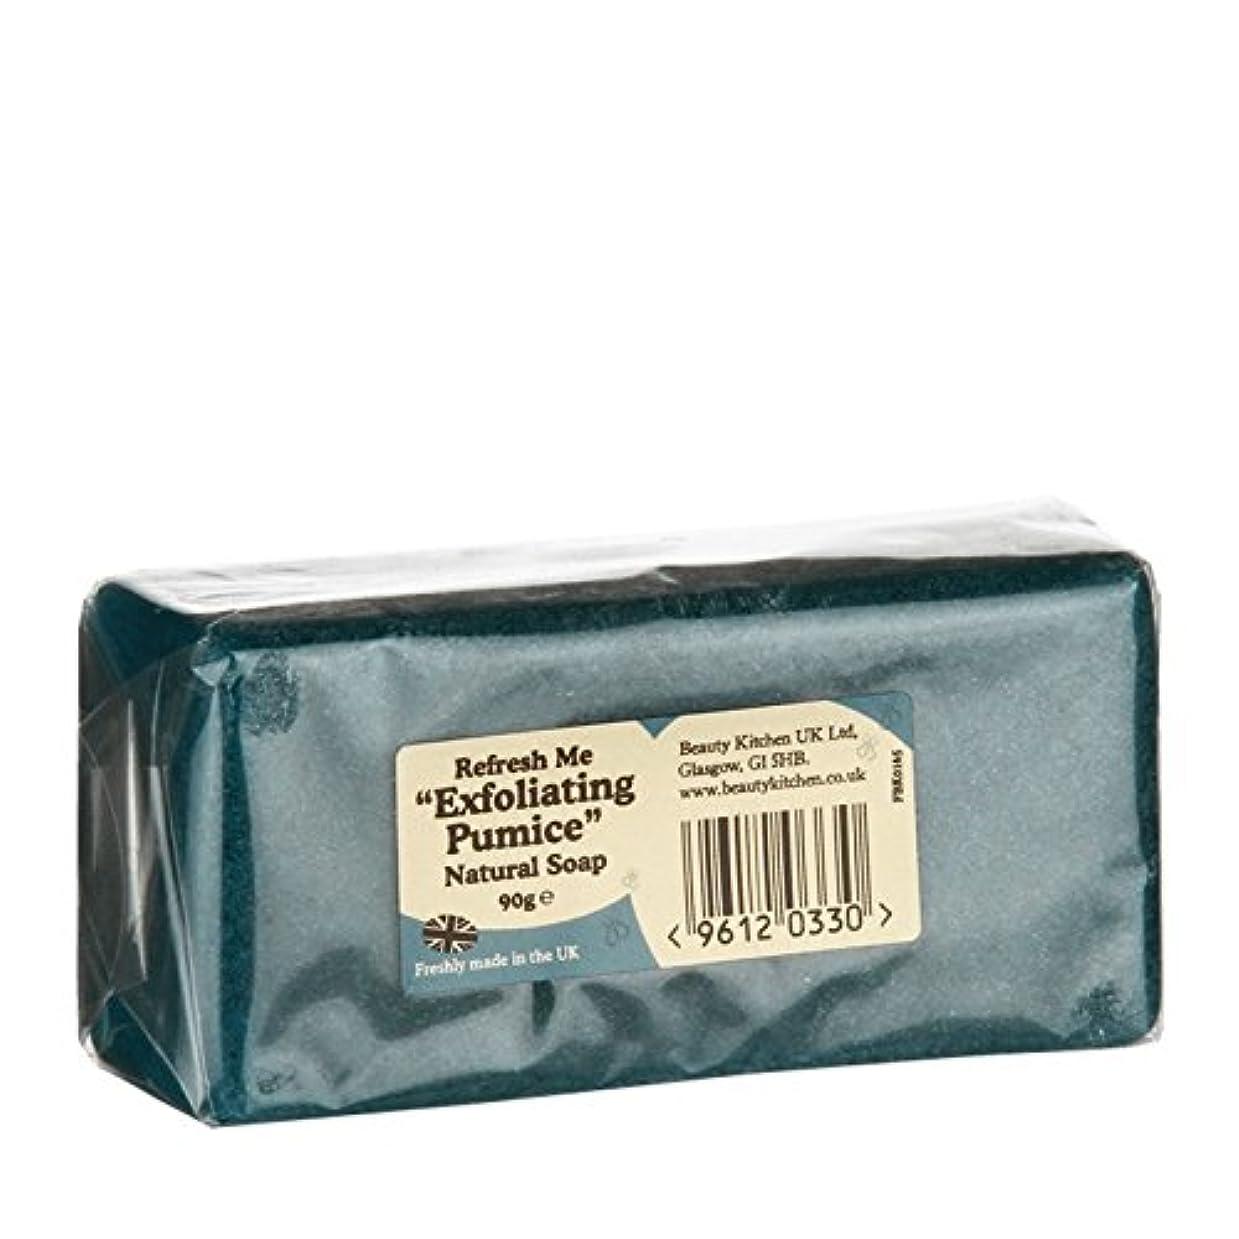 残基ジャンプミサイル美しさのキッチンは、軽石の天然石鹸90グラムを剥離私をリフレッシュ - Beauty Kitchen Refresh Me Exfoliating Pumice Natural Soap 90g (Beauty Kitchen...